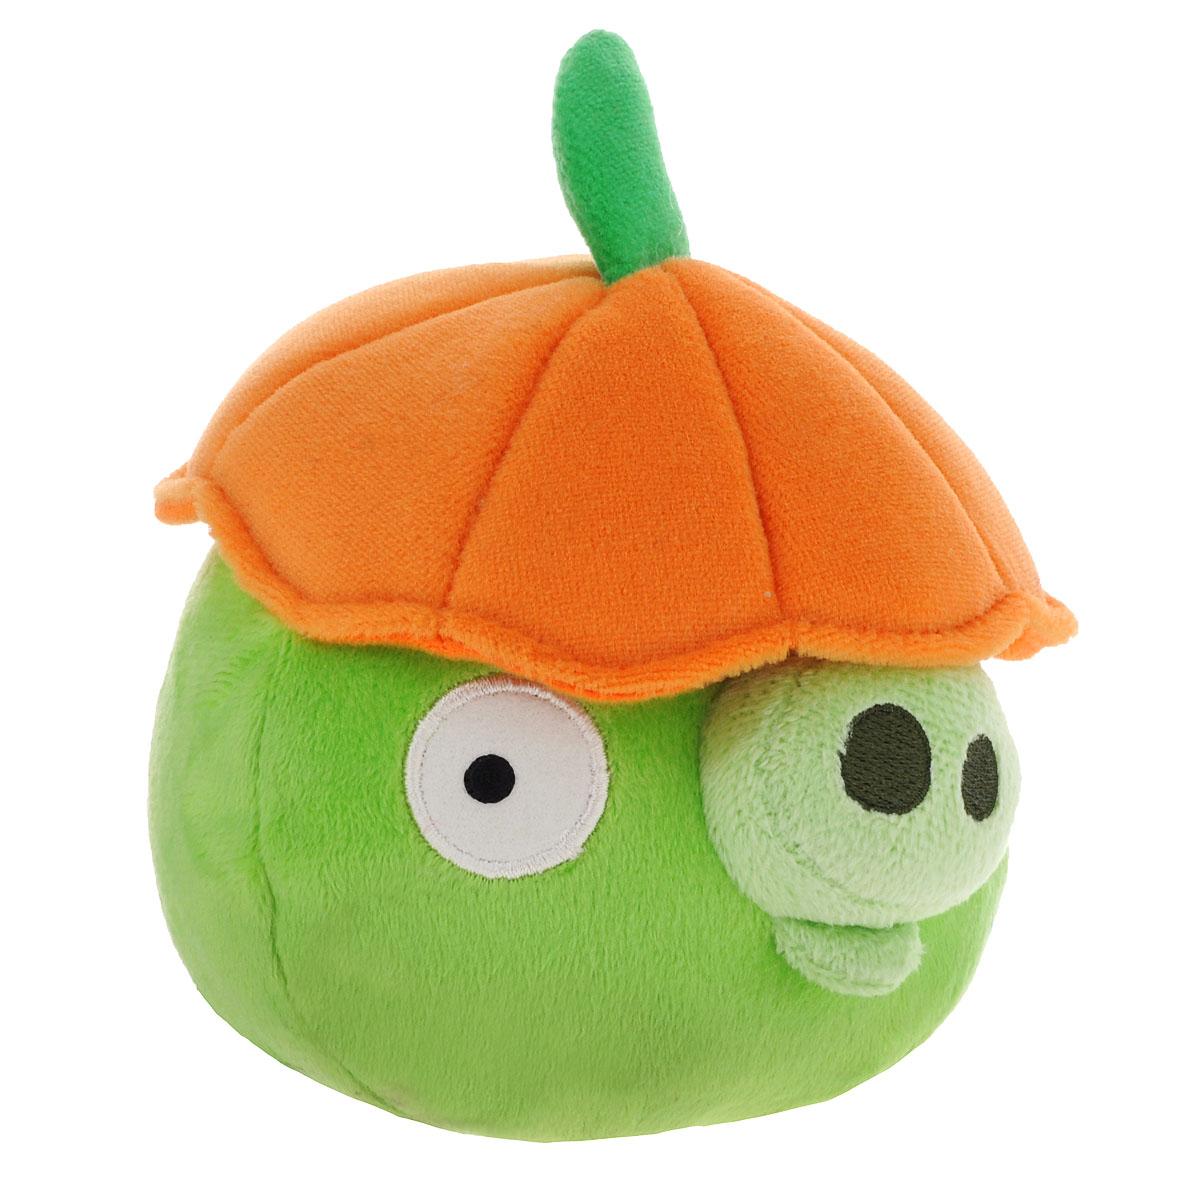 Angry Birds Мягкая озвученная игрушка Halloween цвет зеленый 14 см